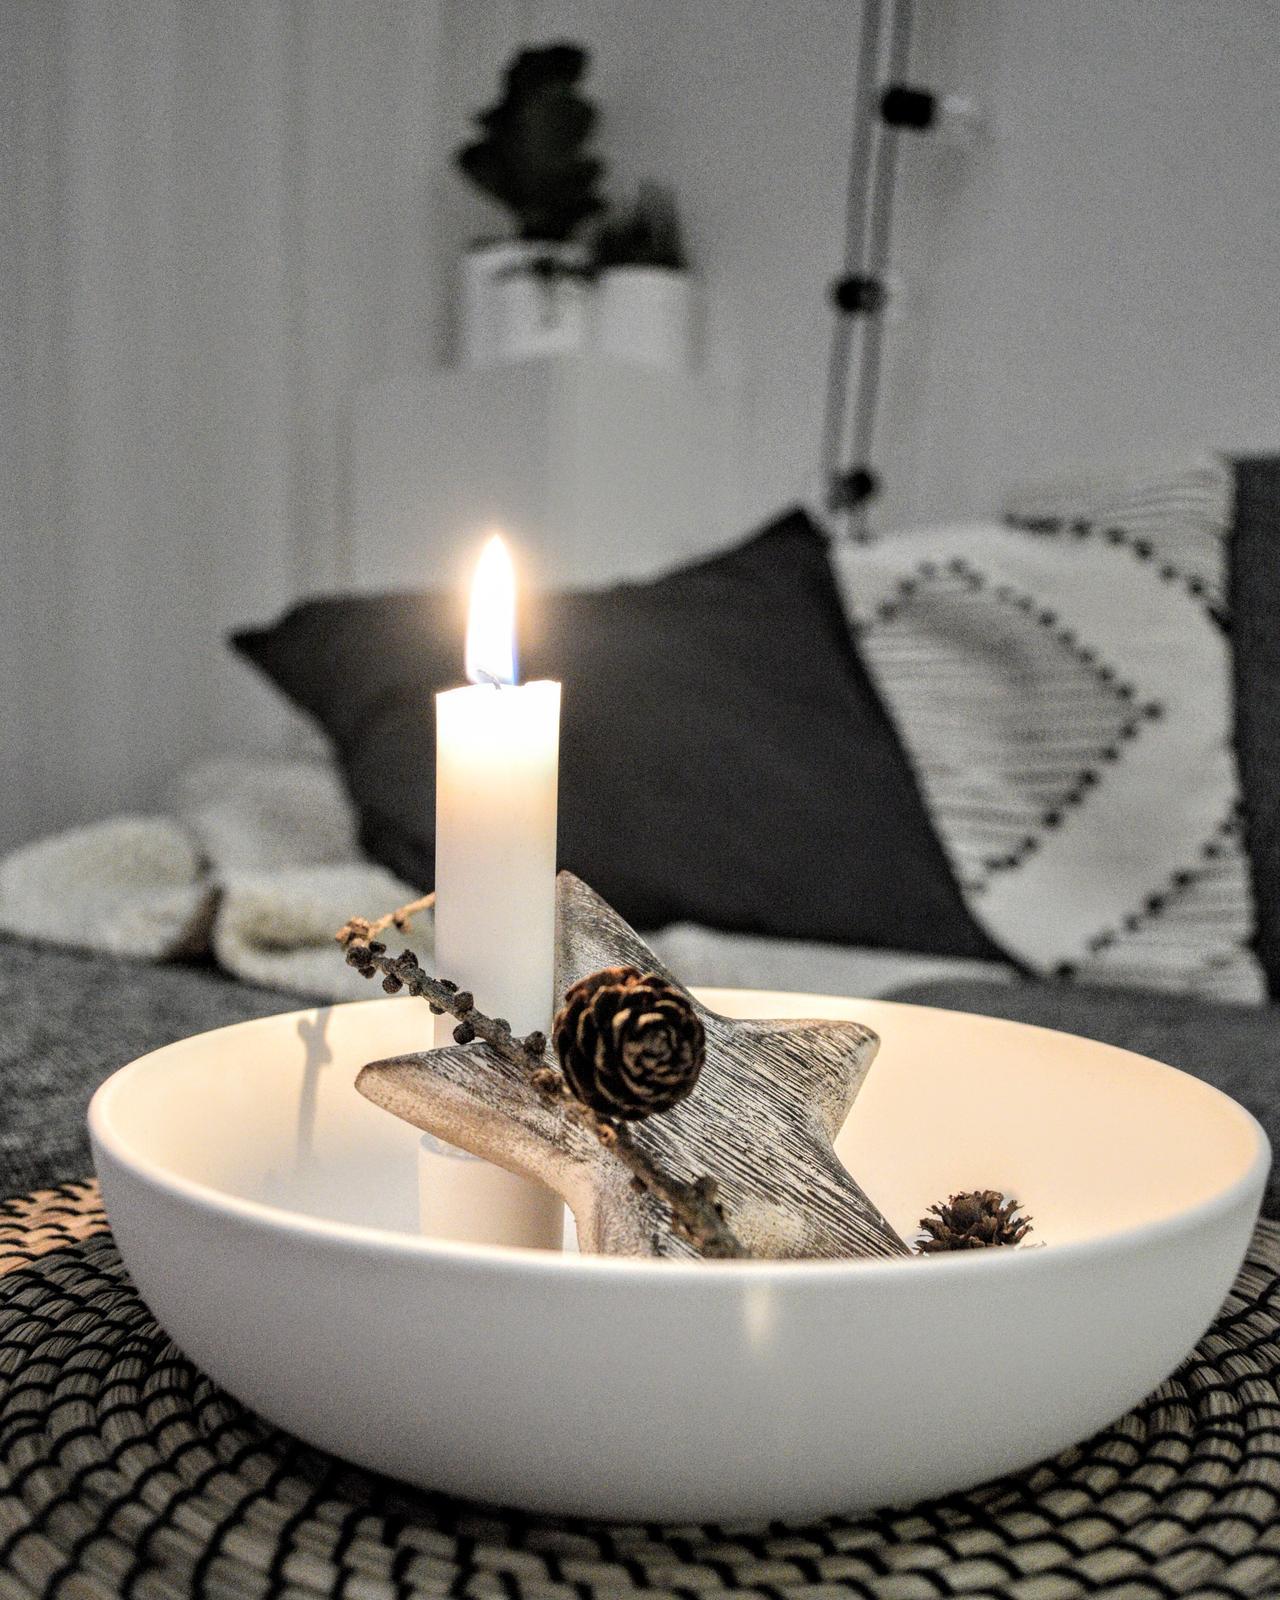 🖤 keď drobnosti robia radosť 🖤 - milujem sviečky, a tento svietnik je láska na prvý pohľad :)